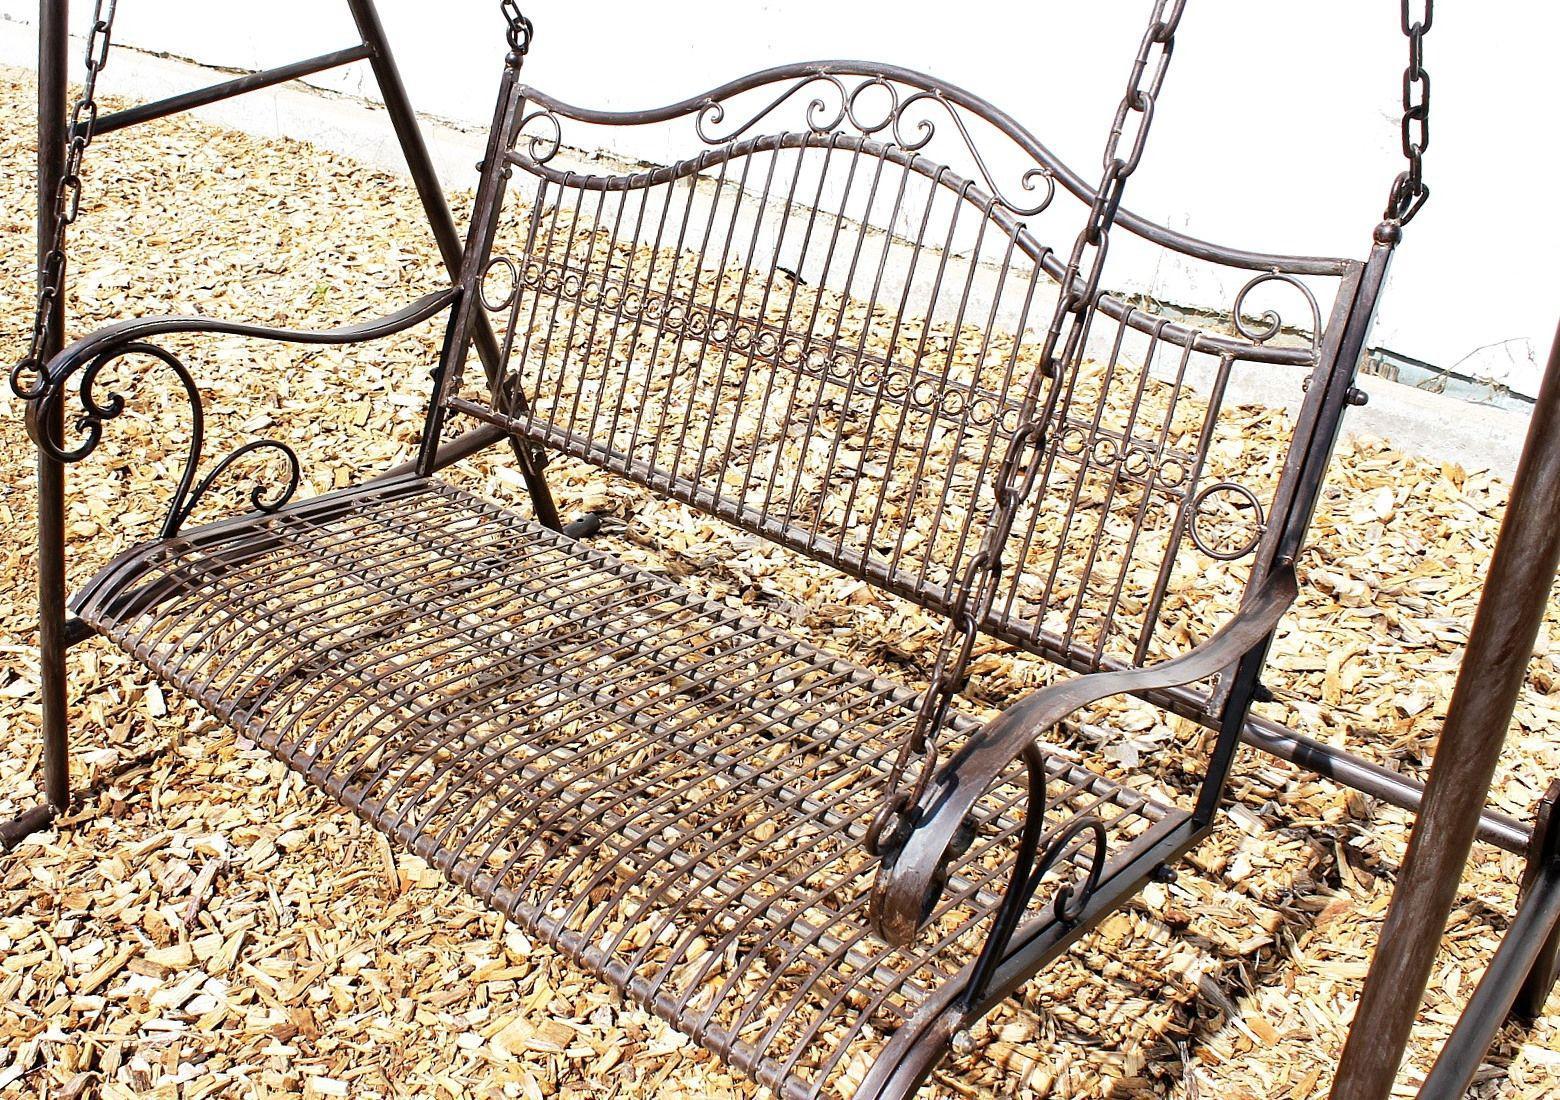 Full Size of Gartenschaukel Metall Hollywoodschaukel Antik 2 Sitzer 082505 Regal Weiß Regale Bett Wohnzimmer Gartenschaukel Metall